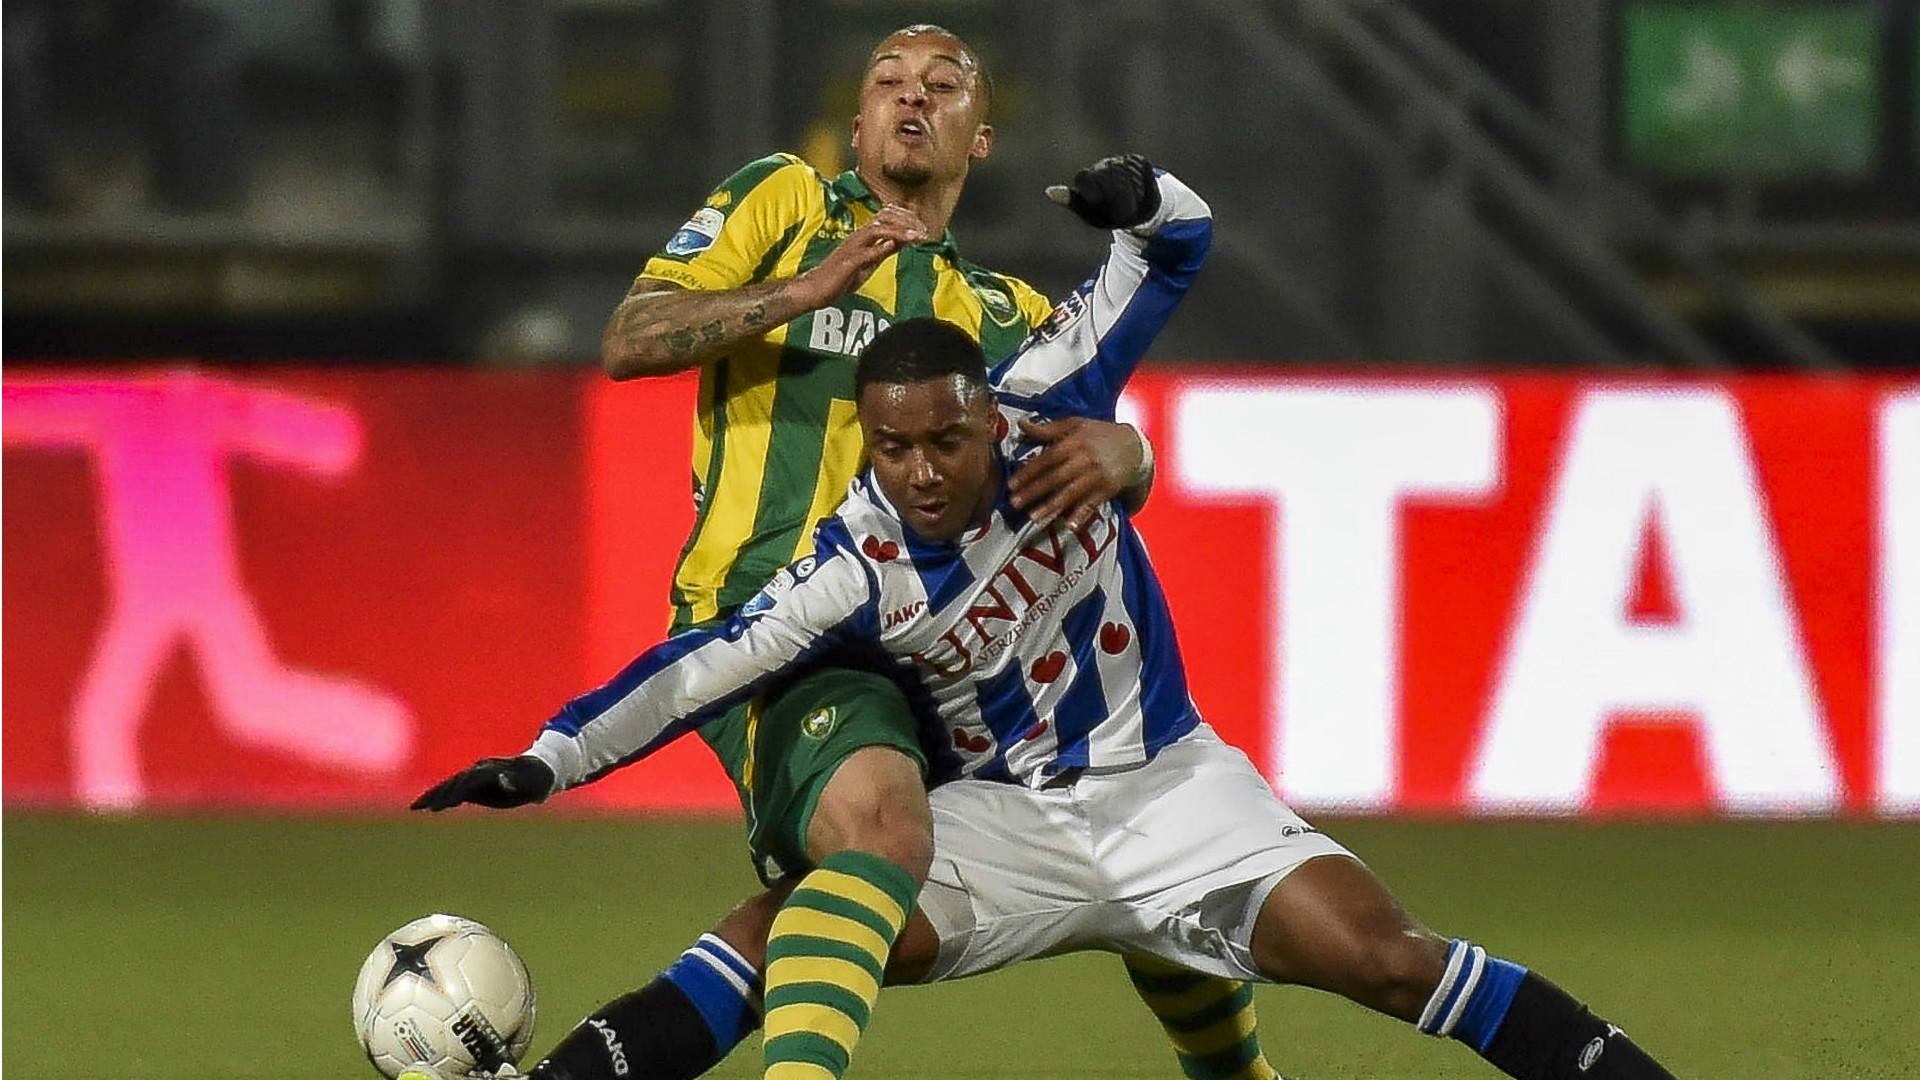 Gianni Zuiverloon - Lerin Duarte, ADO Den Haag - sc Heerenveen, Eredivisie 07032015